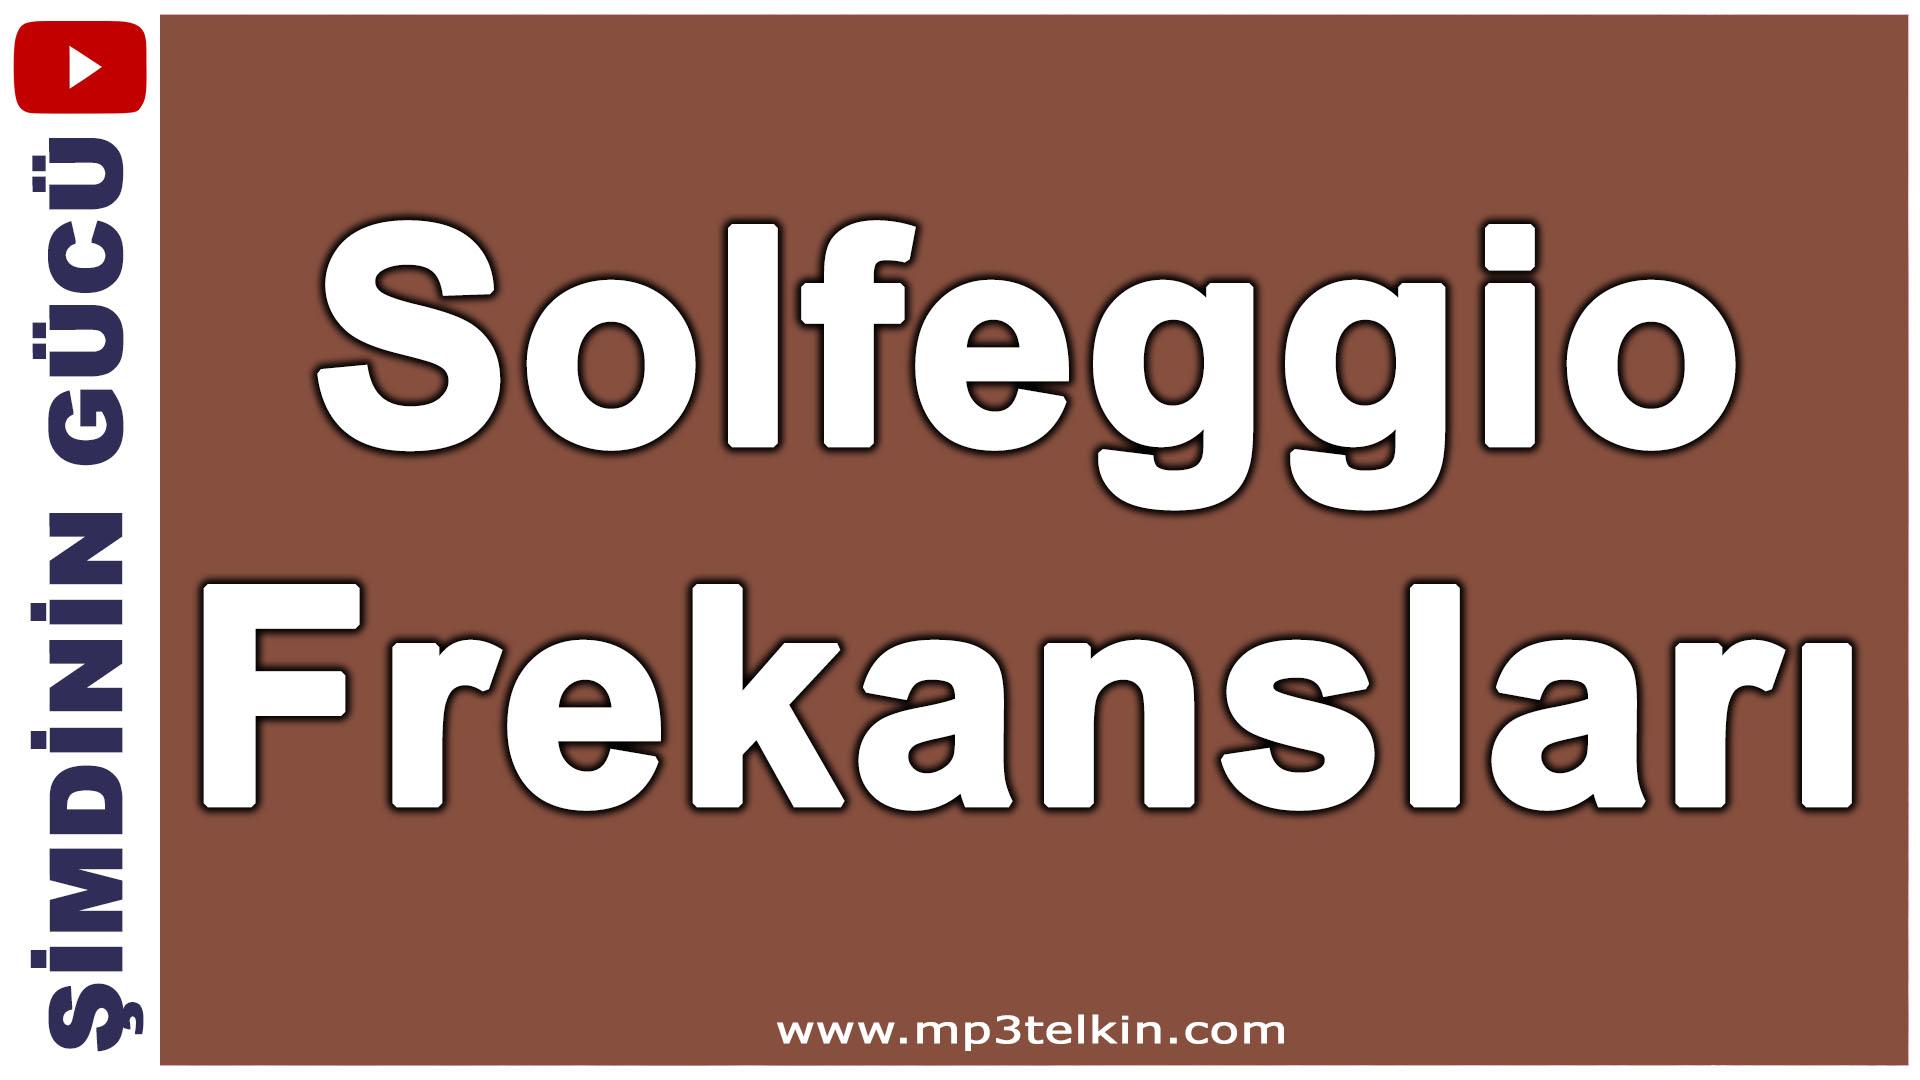 Solfeggio Frekansları